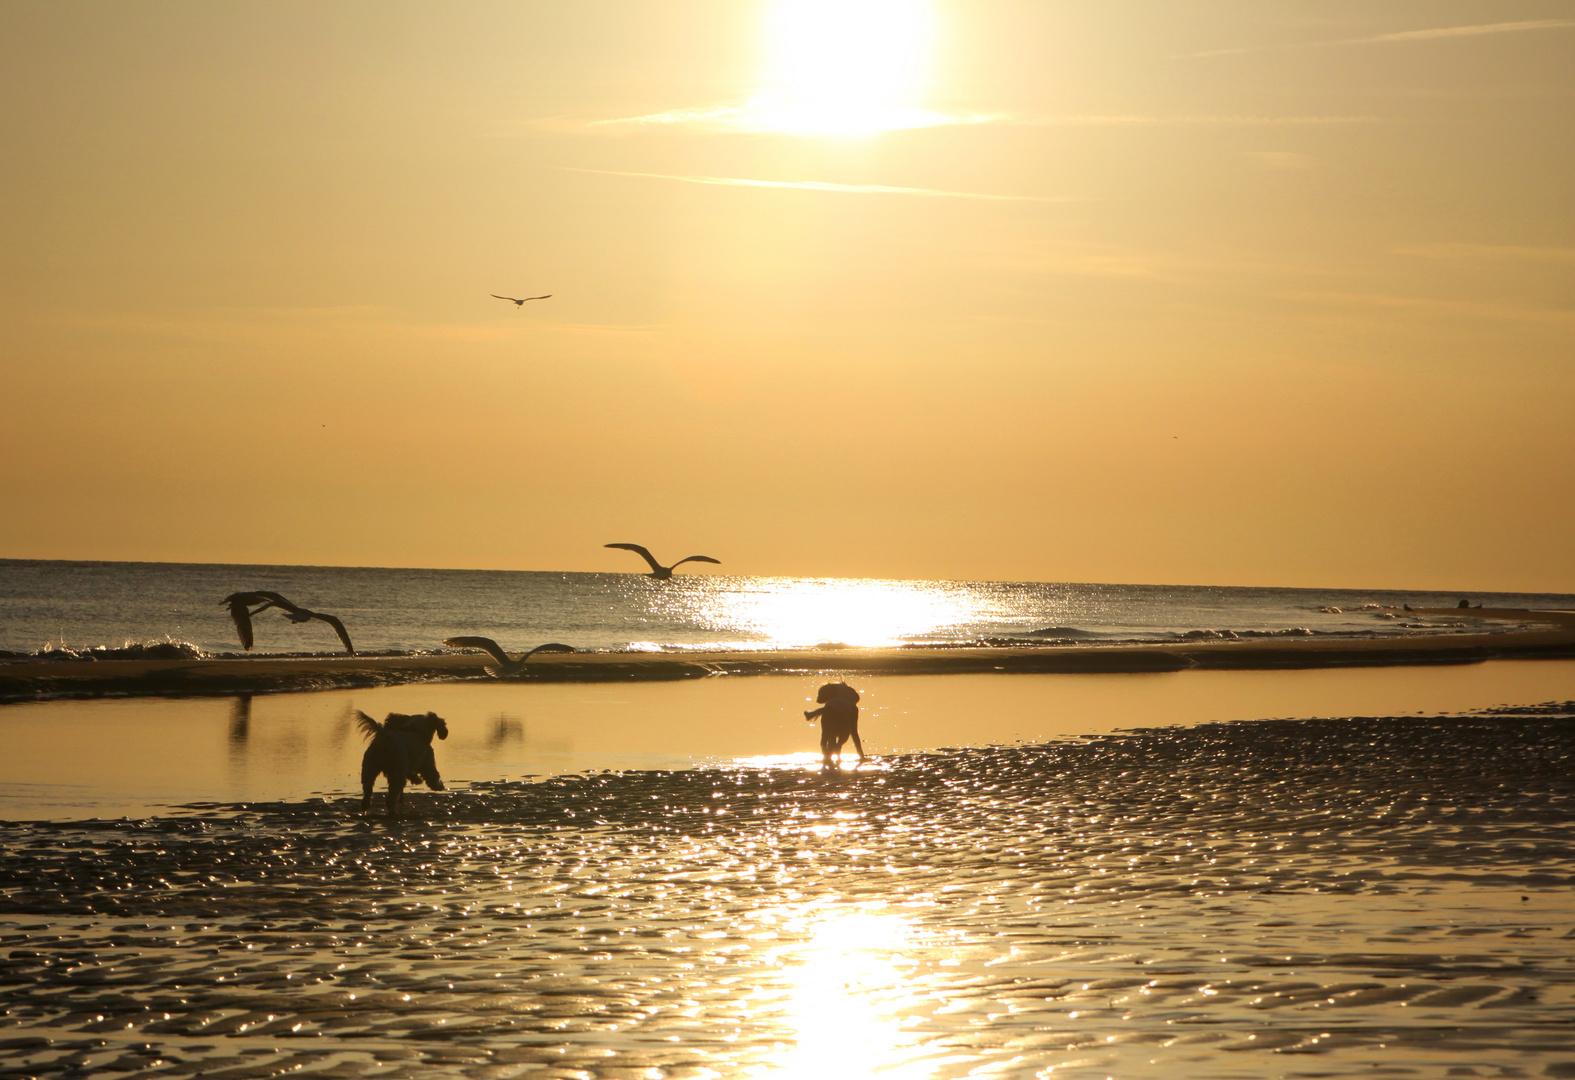 Sonnenuntergangsstimmung am Strand von Burgh Haamstede